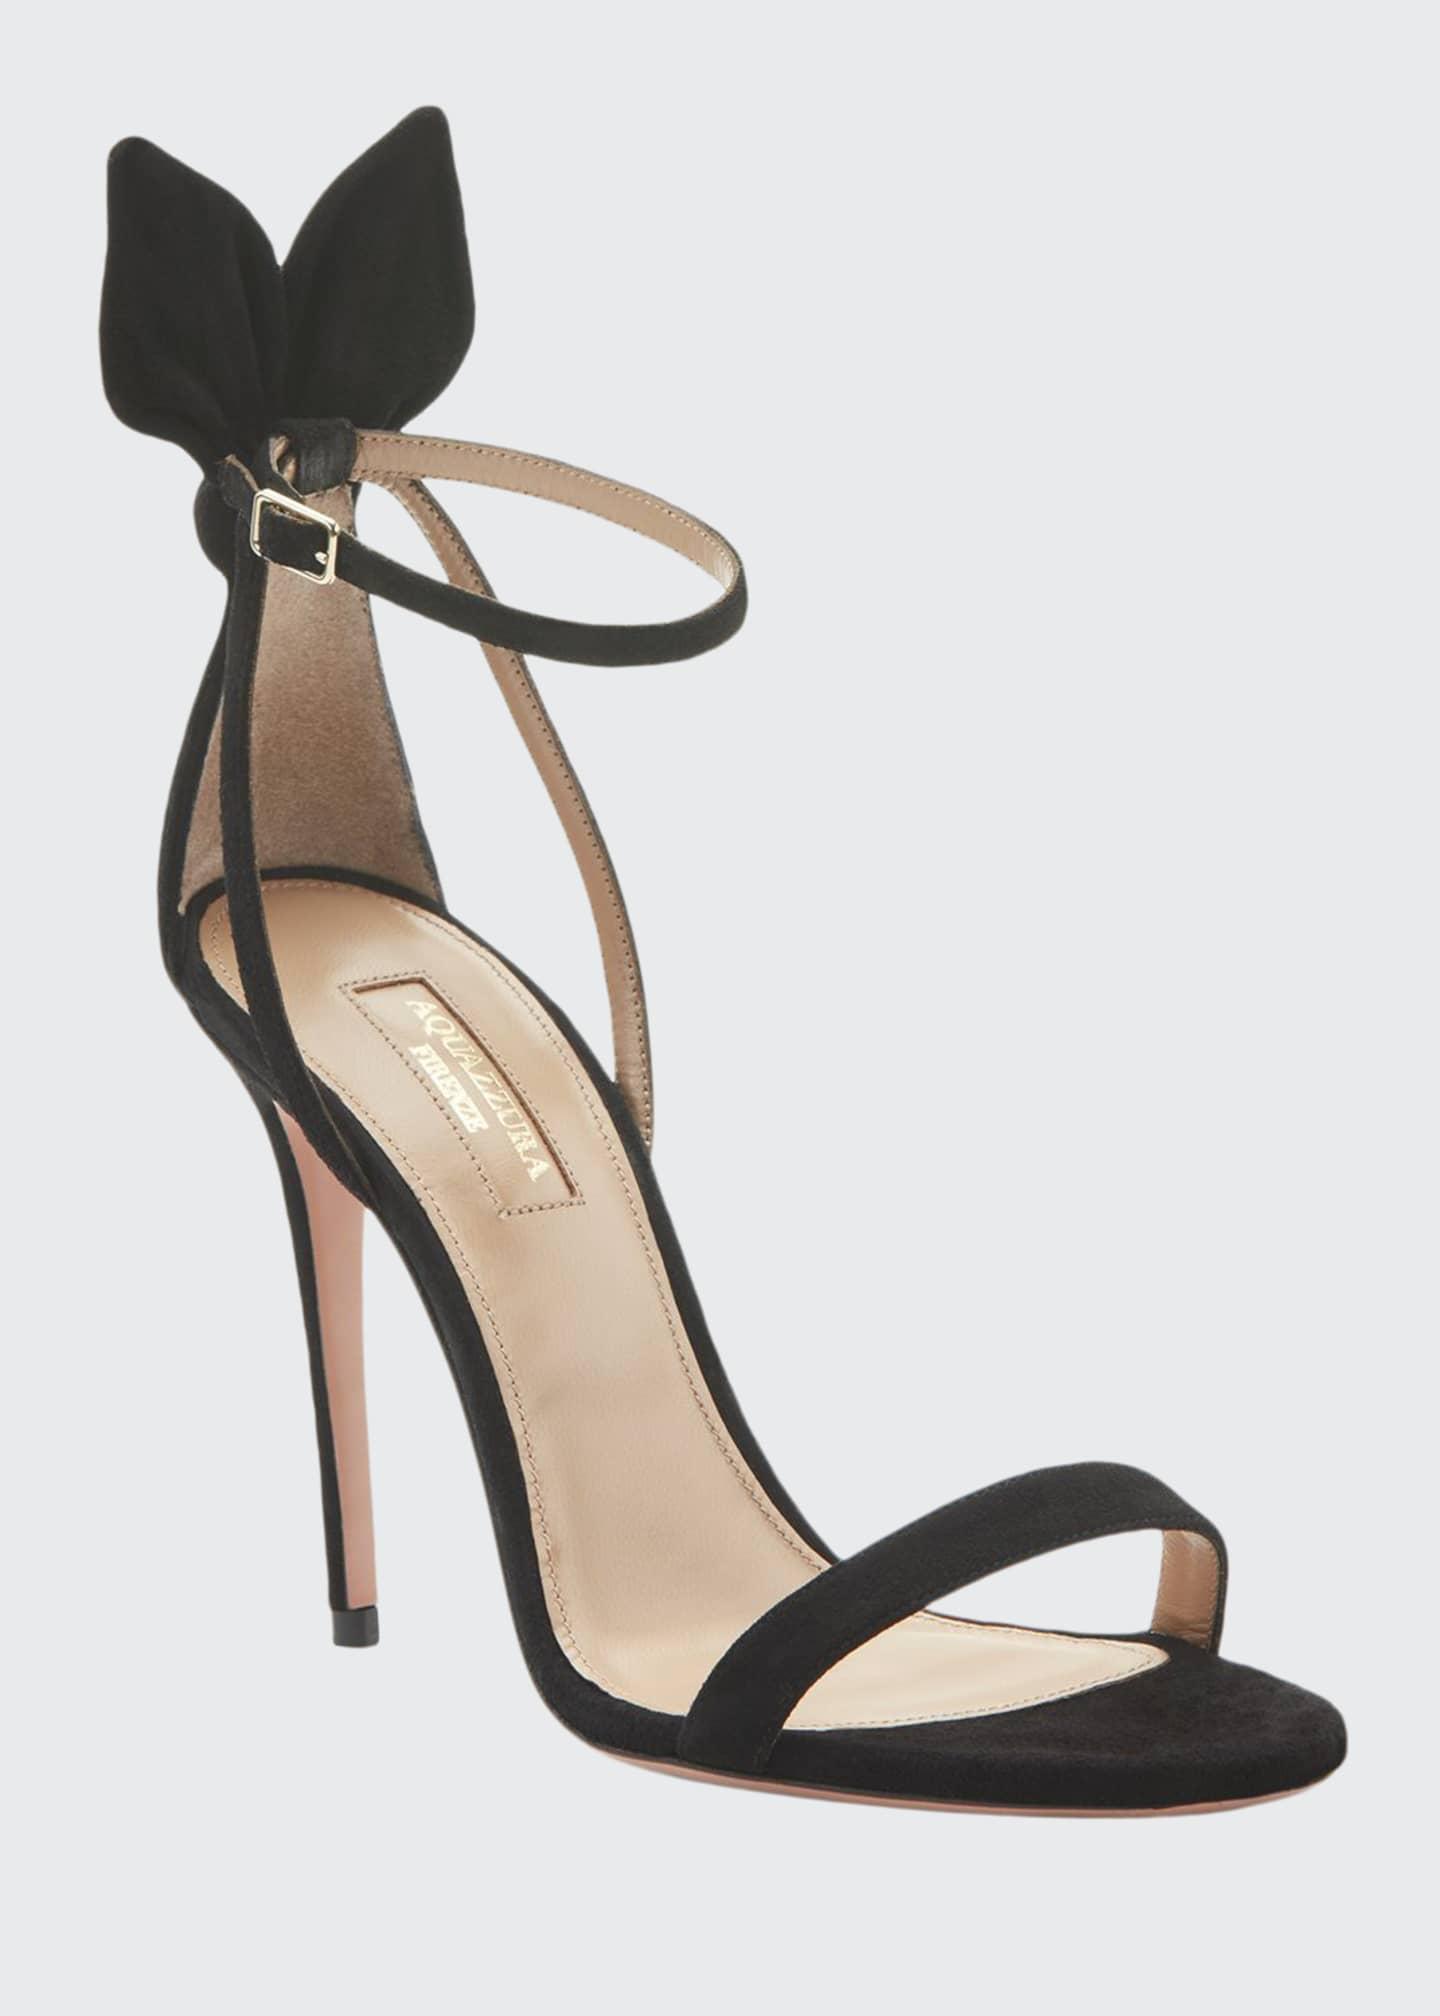 Deneuve Suede Ankle Sandals by Aquazzura